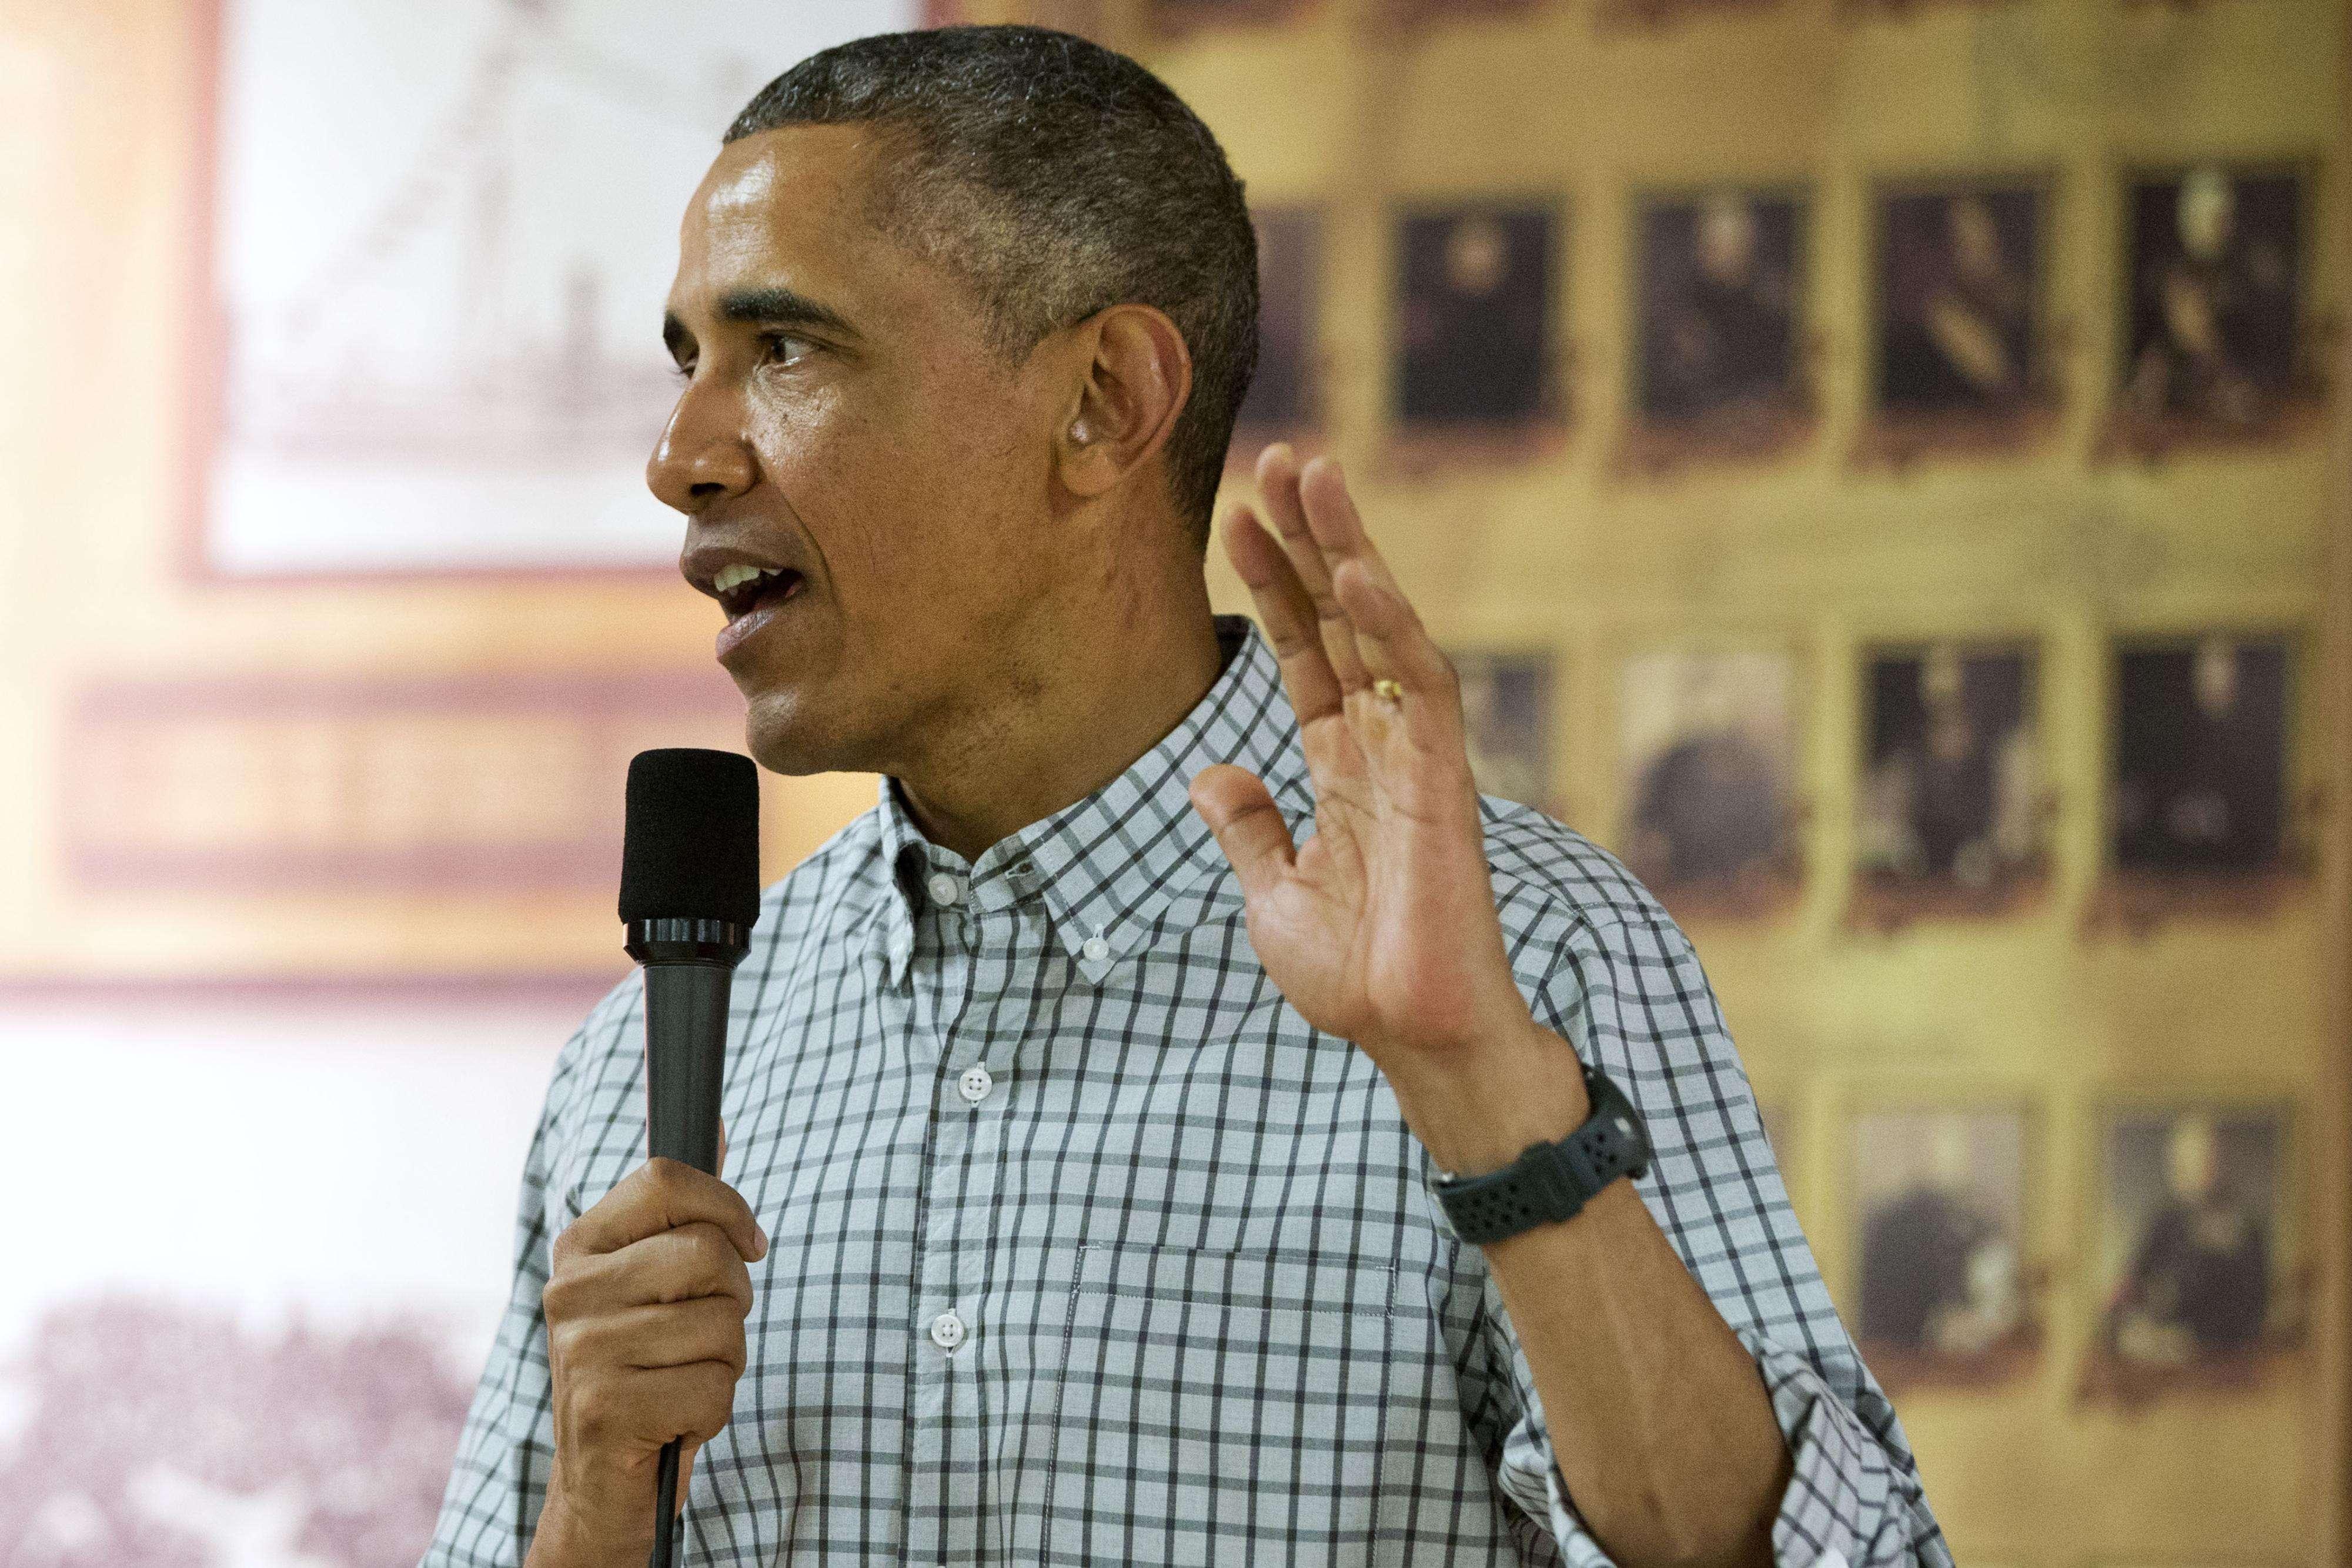 El presidente de Estados Unidos, Barack Obama, habla a las tropas y sus familias el día de Navidad, el 25 de diciembre de 2014 en la base de Marines de Kaneohe Bay, en Hawai, durante las vacaciones de la familia Obama. Foto: AP en español